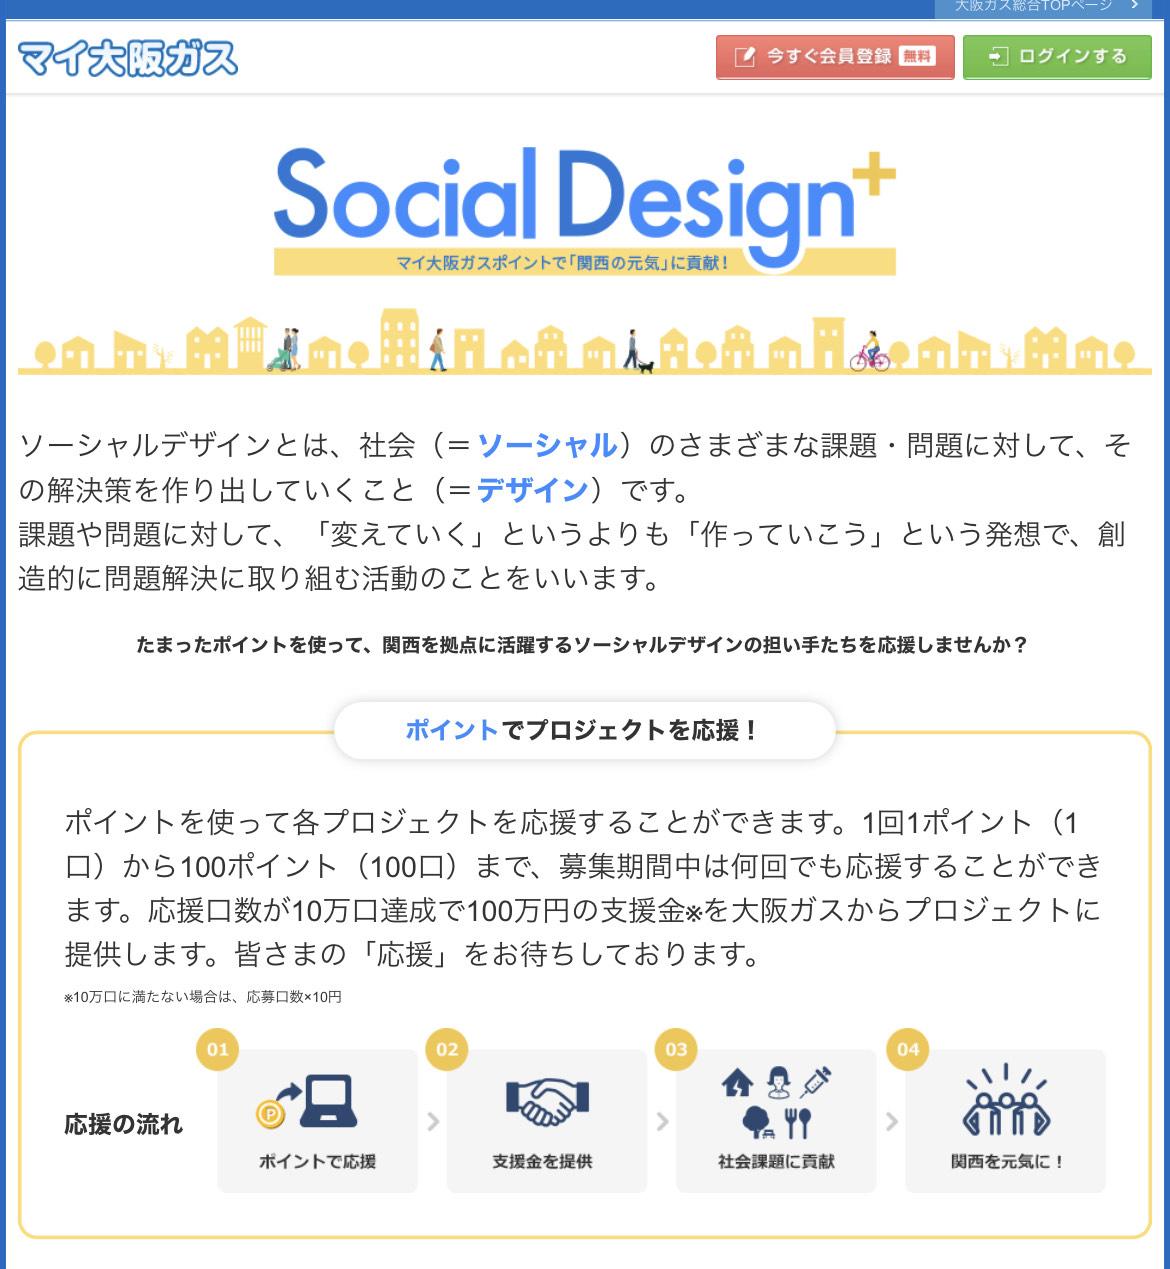 大阪ガス「ソーシャルデザイン+」の編集を担当